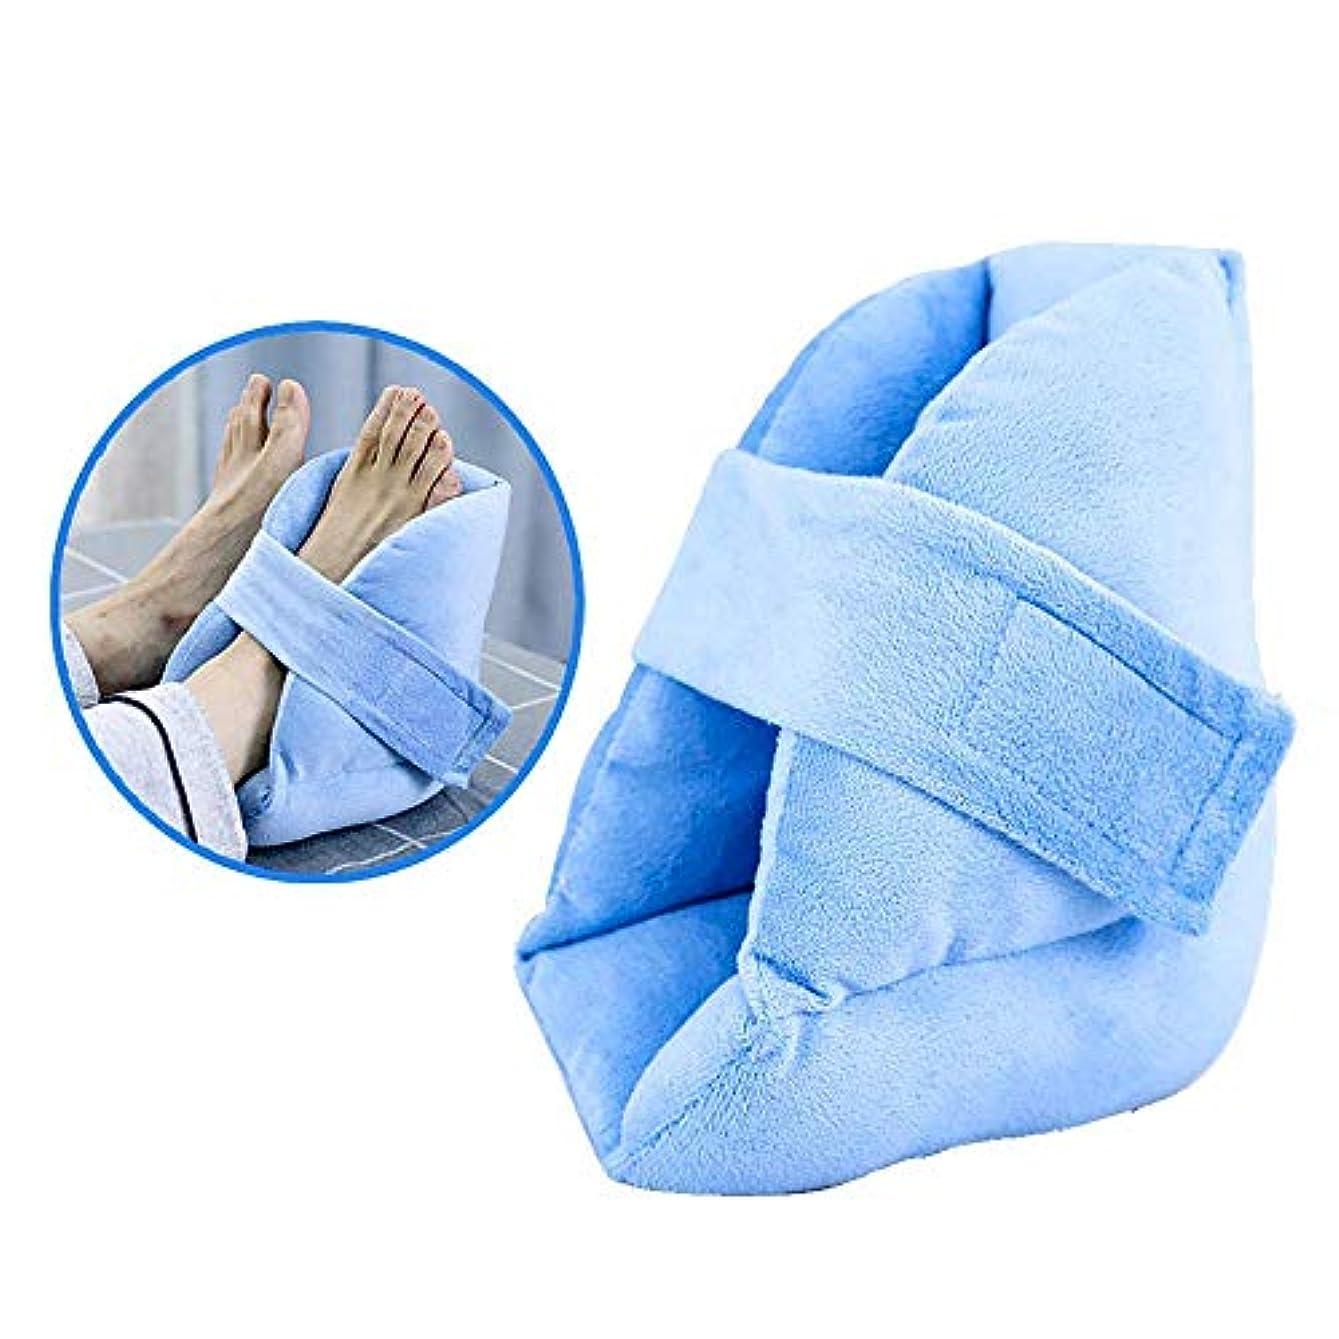 オーバーコートにはまってしゃがむフットピローヒールクッションプロテクター - 褥瘡とかかと潰瘍の軽減 - 通気性のある高弾性スポンジ充填、1本